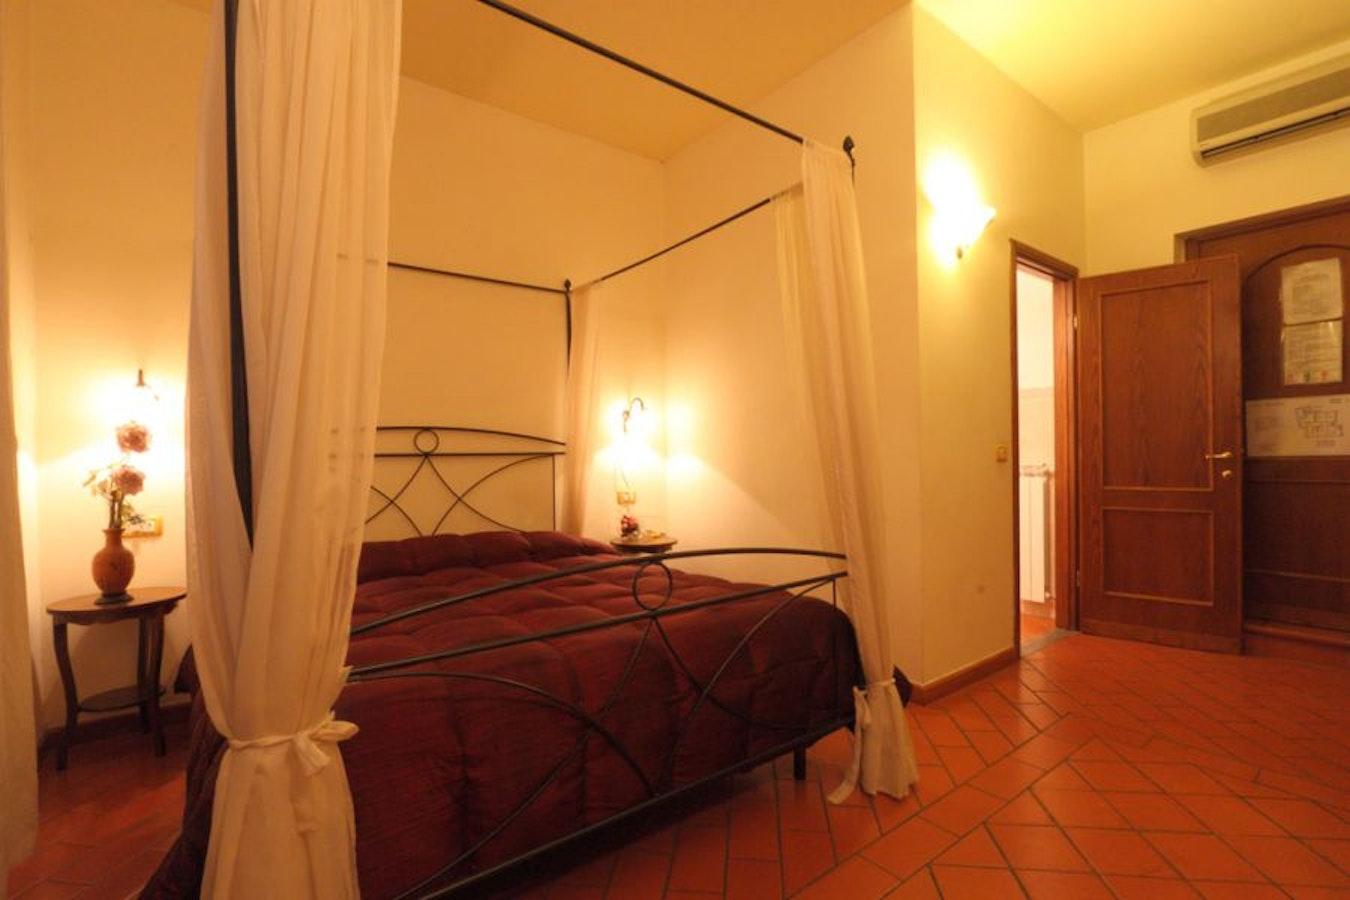 Antica posta b b bed breakfast economico firenze vicino for Soggiorno a firenze economico